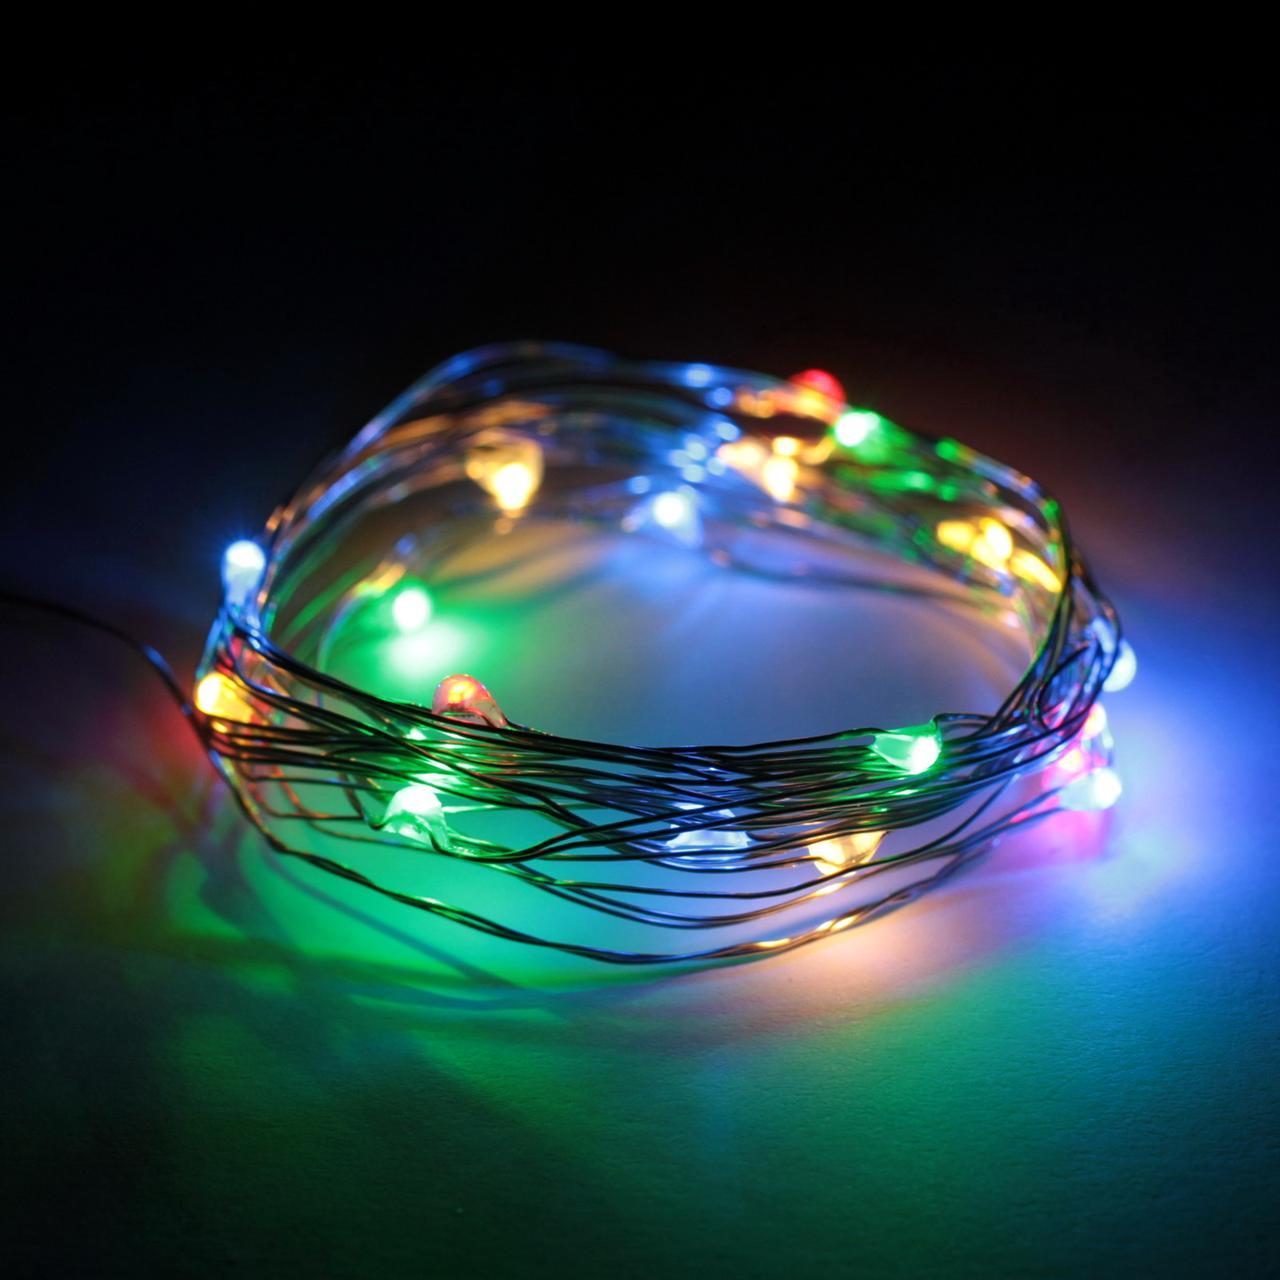 ✅Декоративная светодиодная гирлянда нить лед разноцветная на батарейках 2м 20led Multicolor